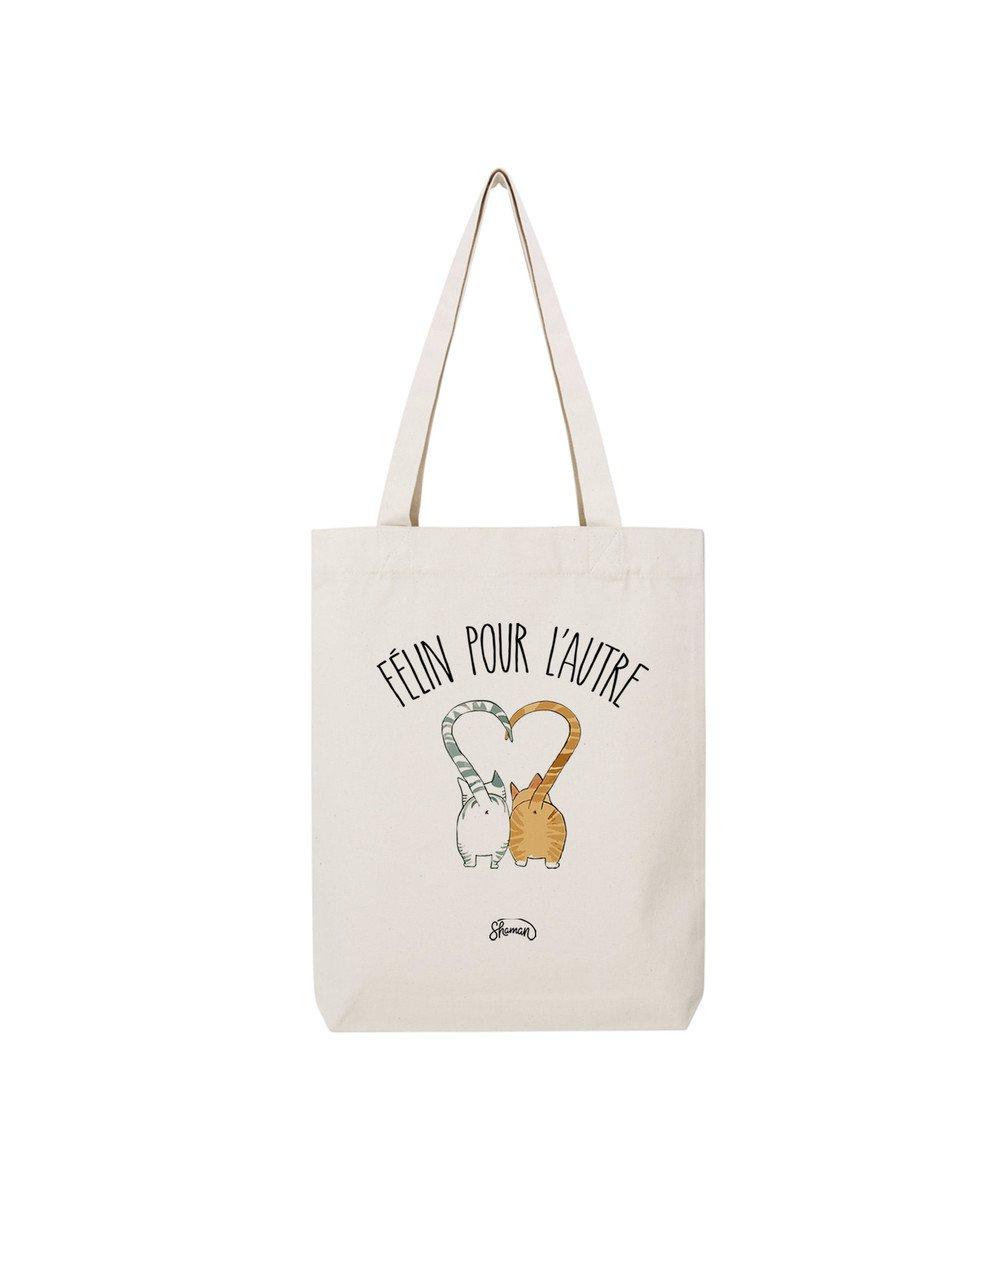 FÉLIN POUR L'AUTRE - Tote Bag  Natural  en coton